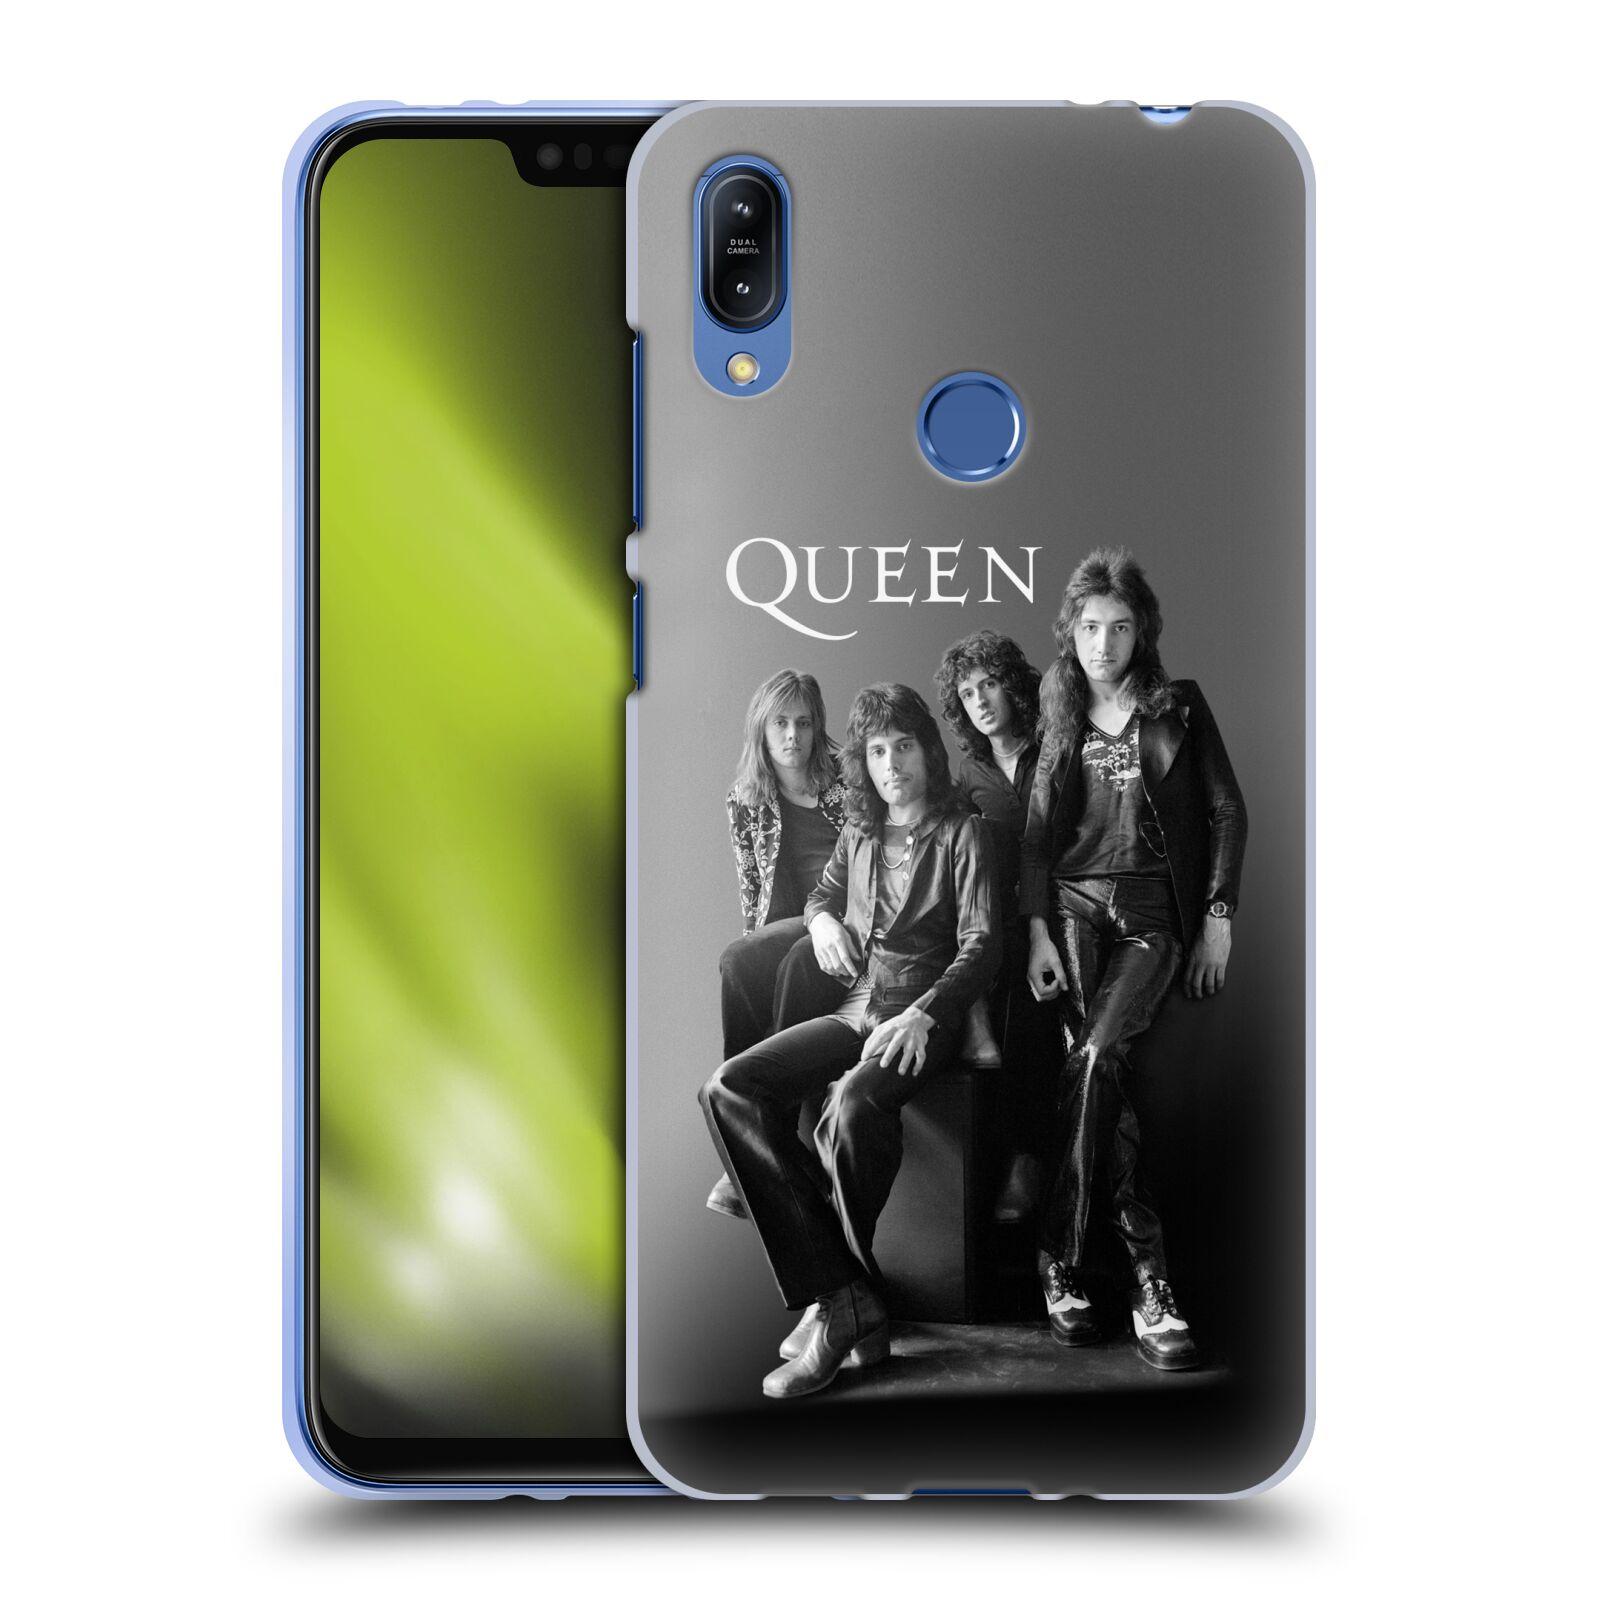 Silikonové pouzdro na mobil Asus Zenfone Max (M2) ZB633KL - Head Case - Queen - Skupina